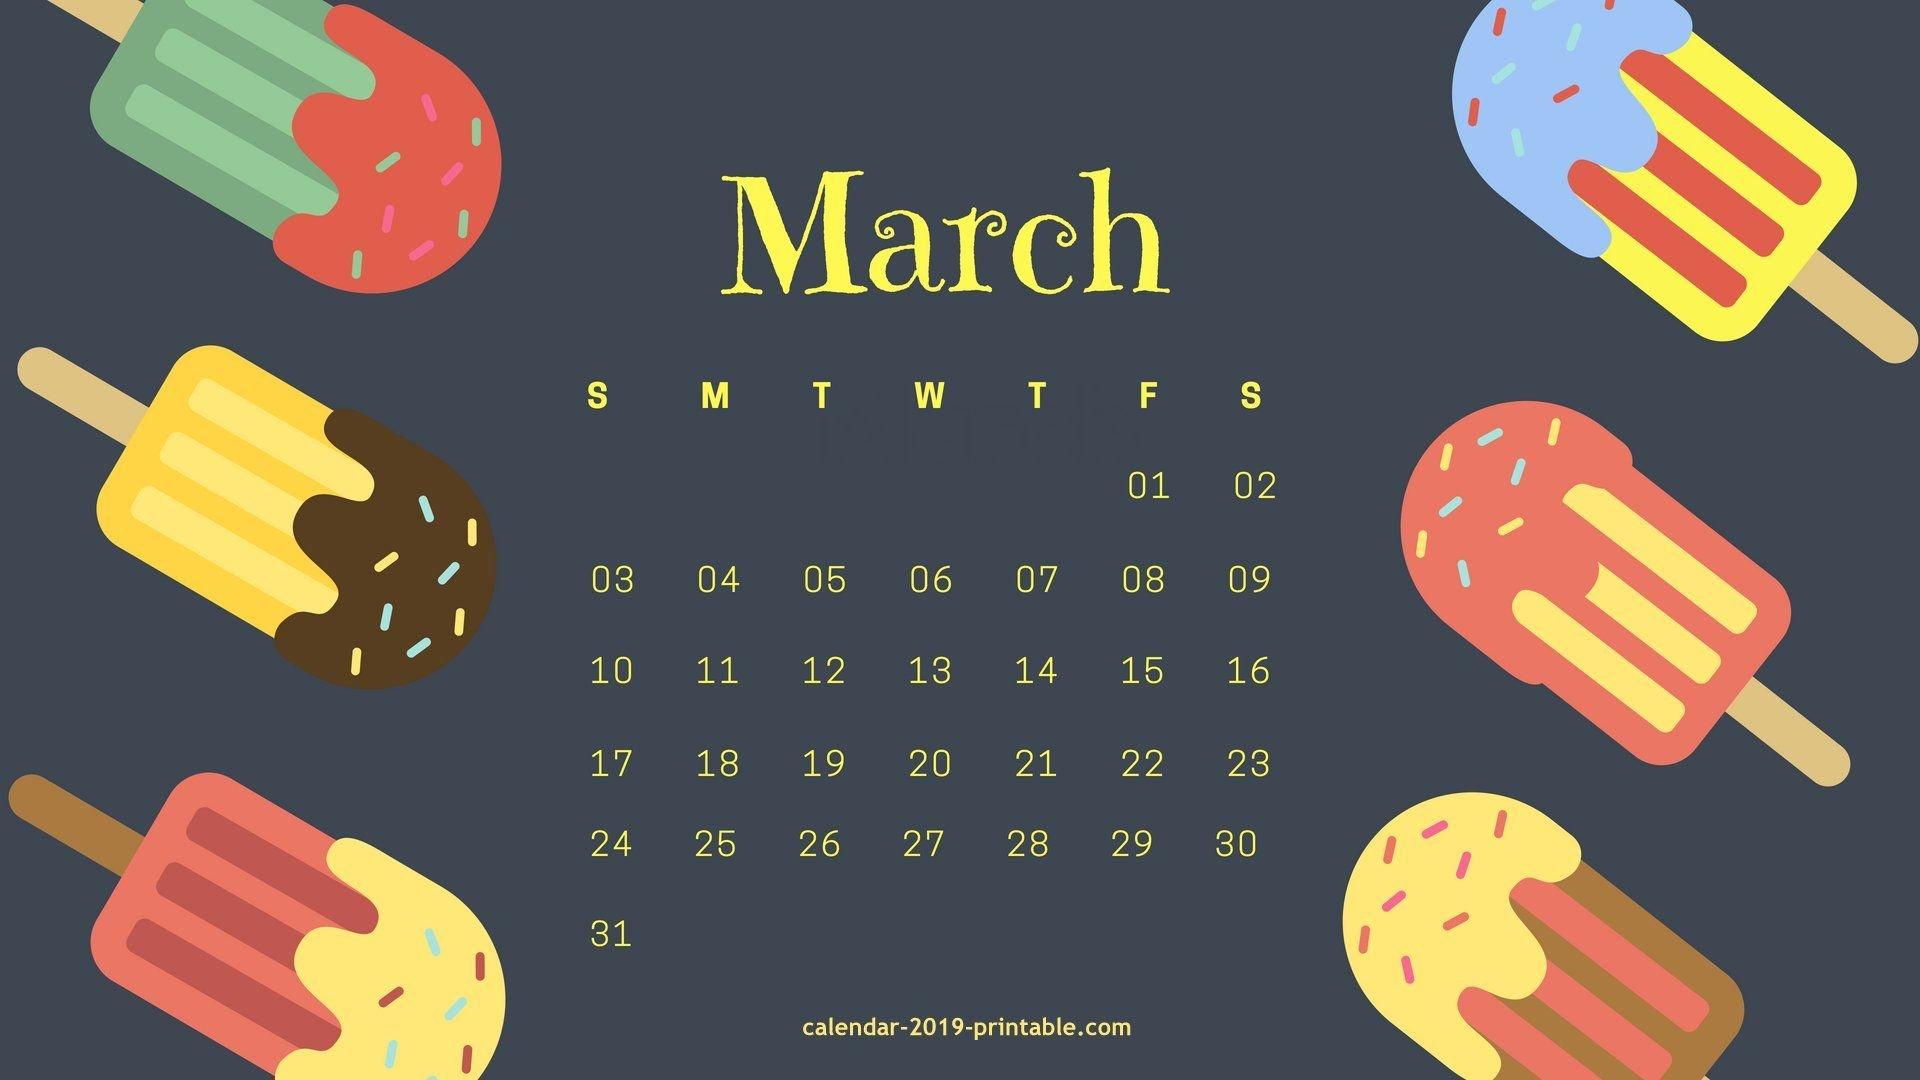 March 2019 Desktop Background Calendar | Calendar 2019 Wallpapers In Calendar 2019 On Computer